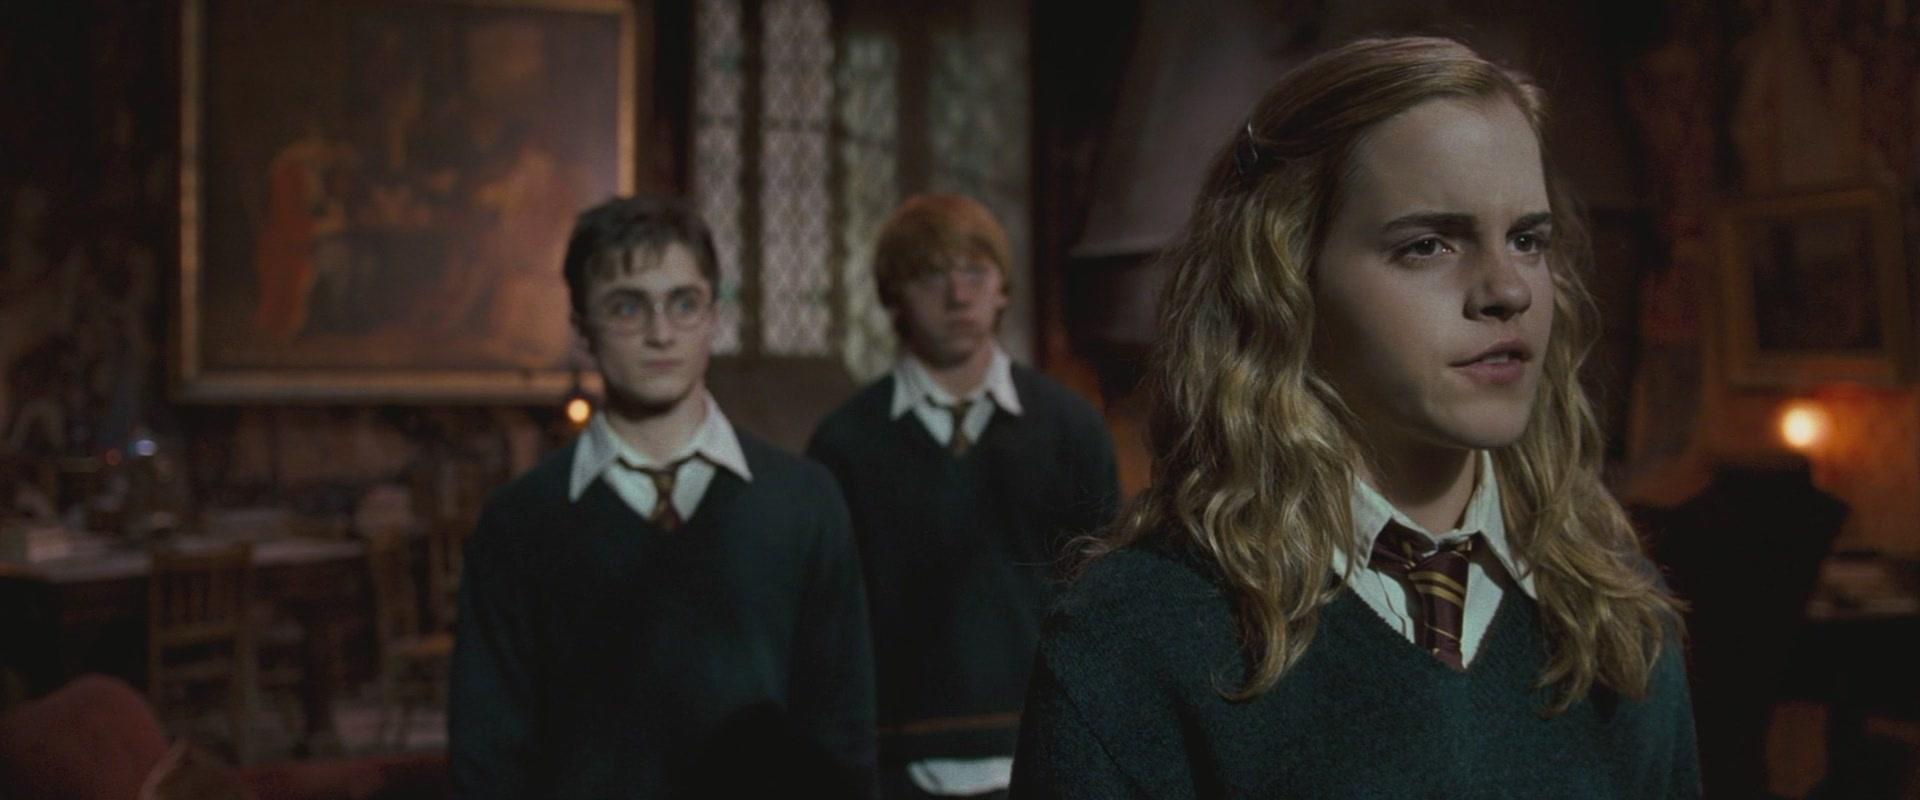 Гарри Поттер и Дары смерти Часть 1 2010 смотреть онлайн